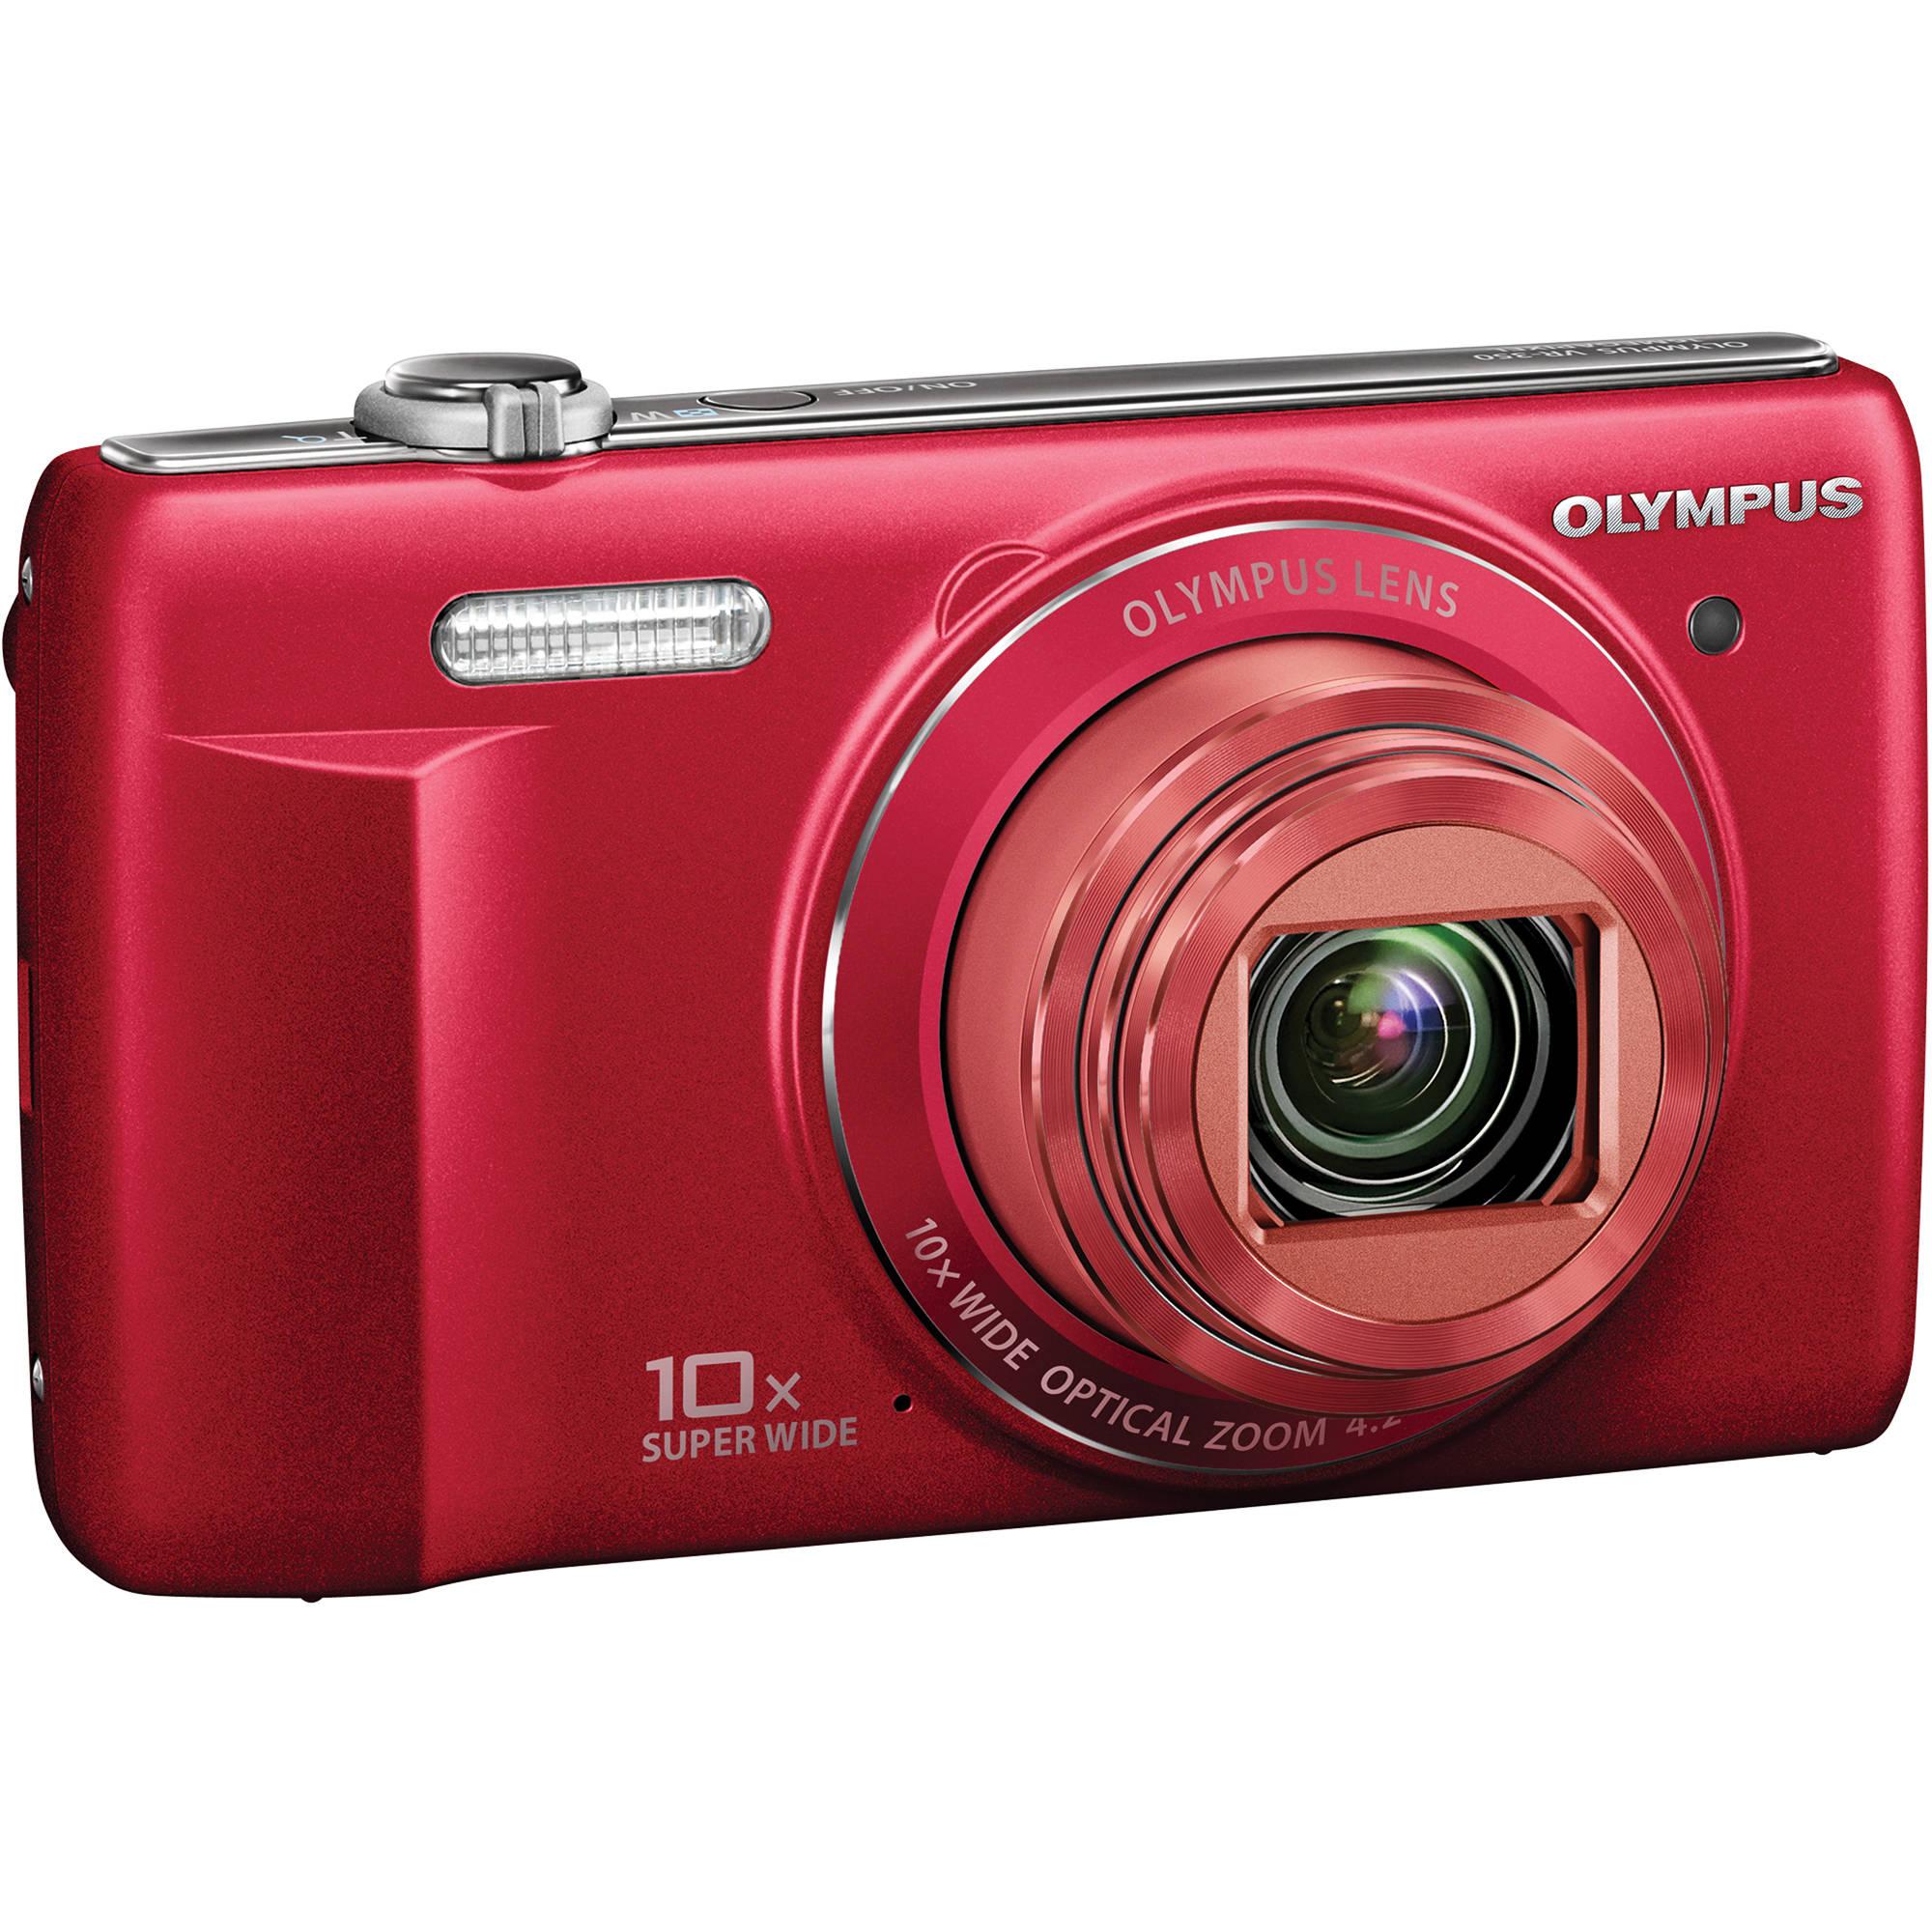 Olympus Digital Camera: Olympus VR-340 Digital Camera (Red) V105080RU000 B&H Photo